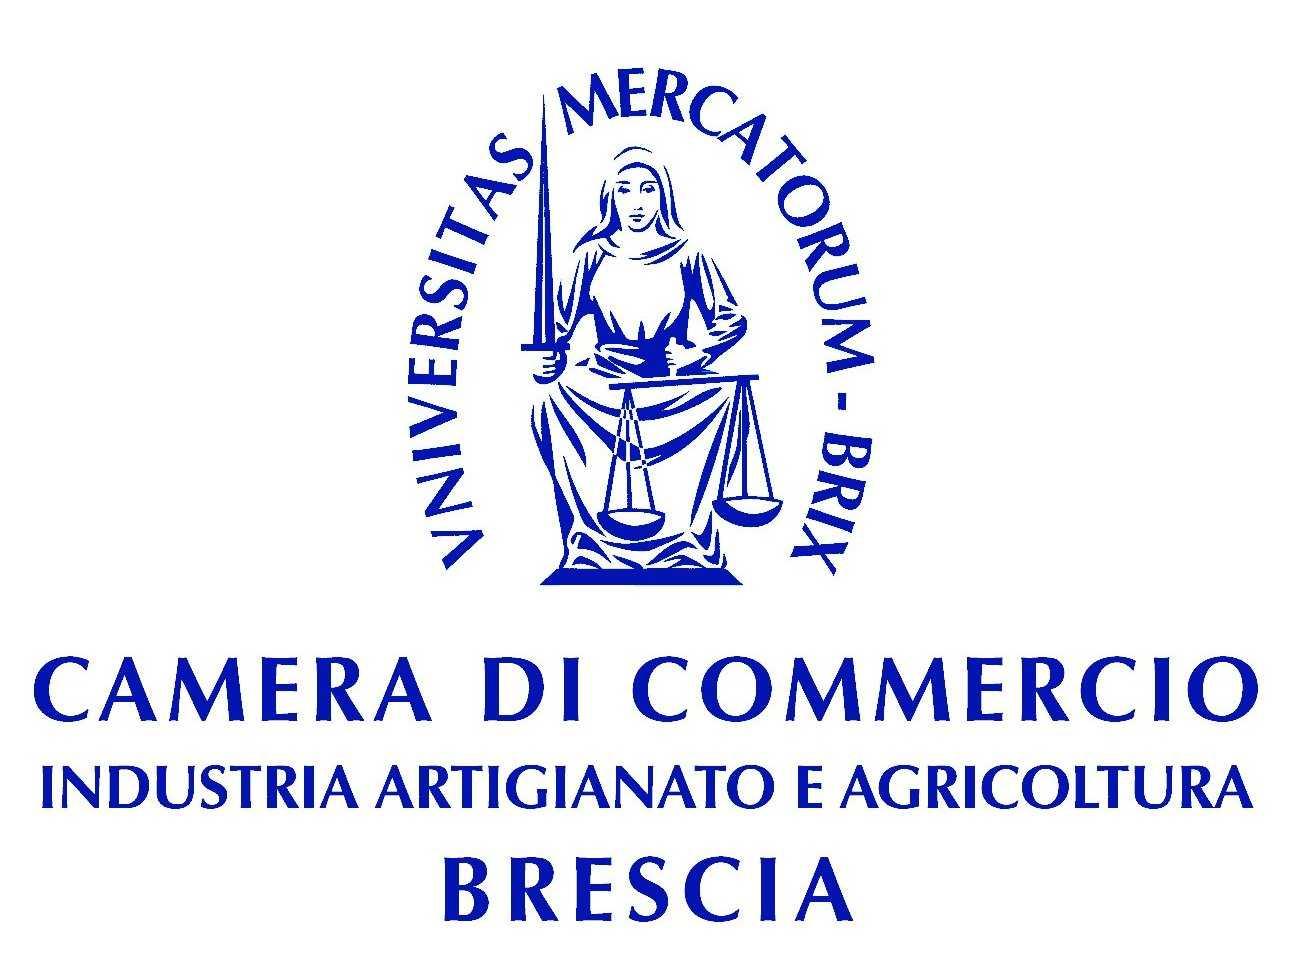 Camera di commercio di Brescia